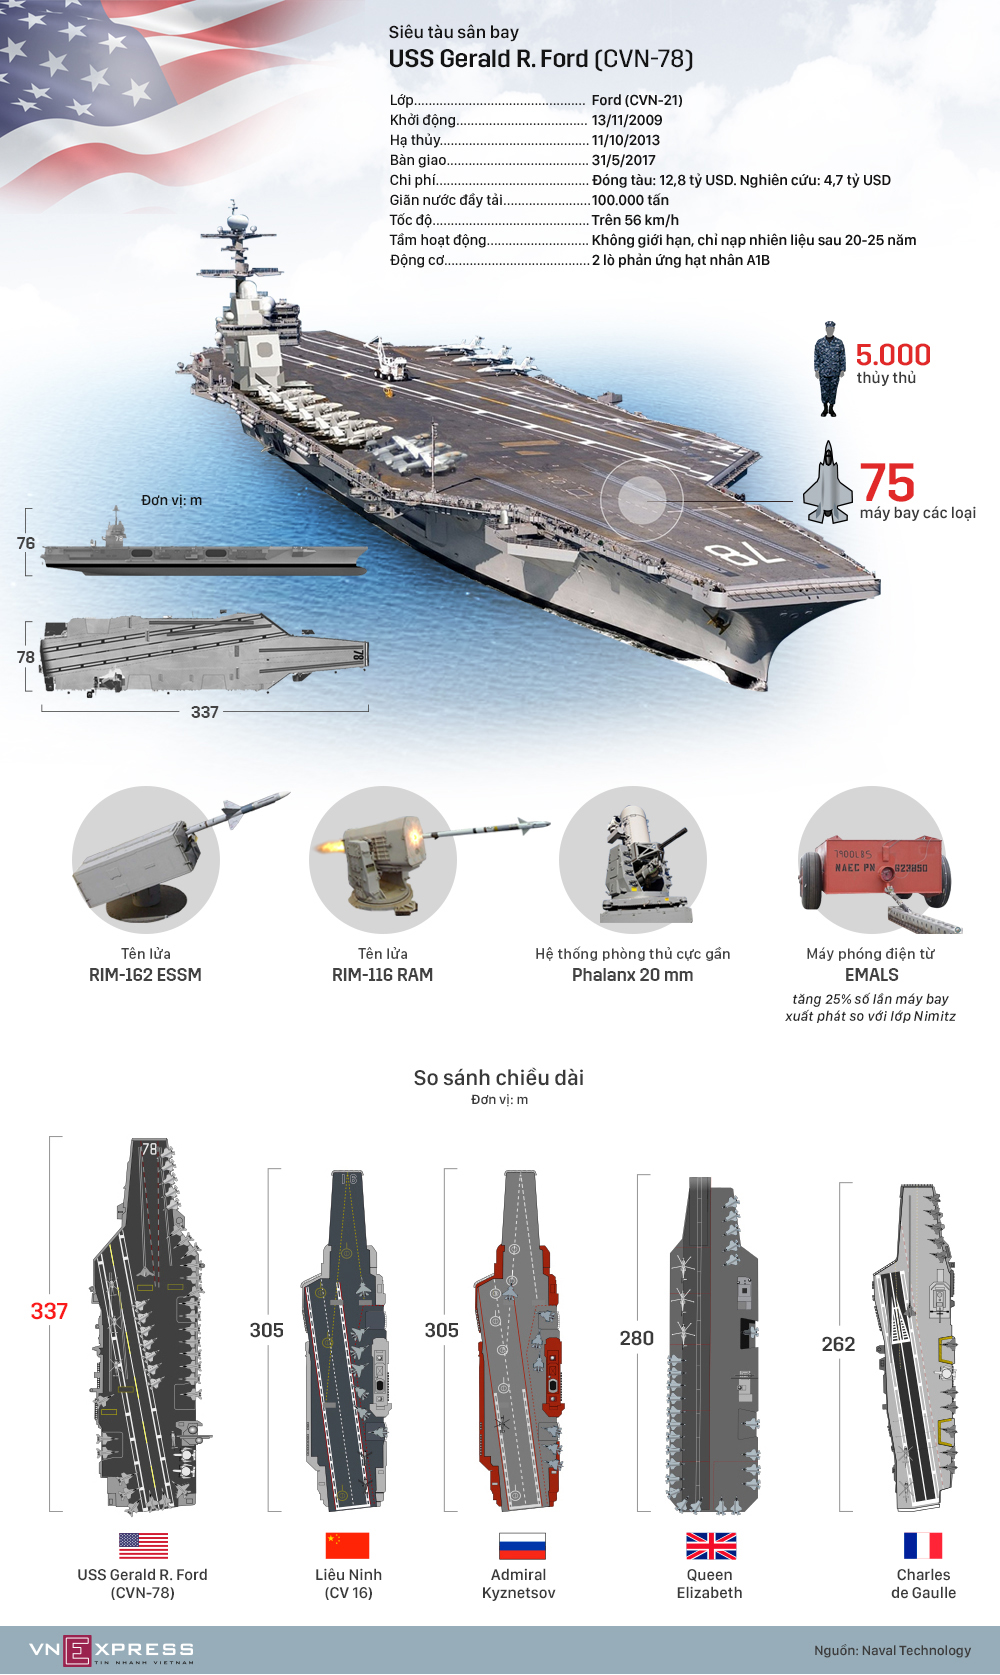 Siêu tàu sân bay chế tạo trong 12 năm của Mỹ